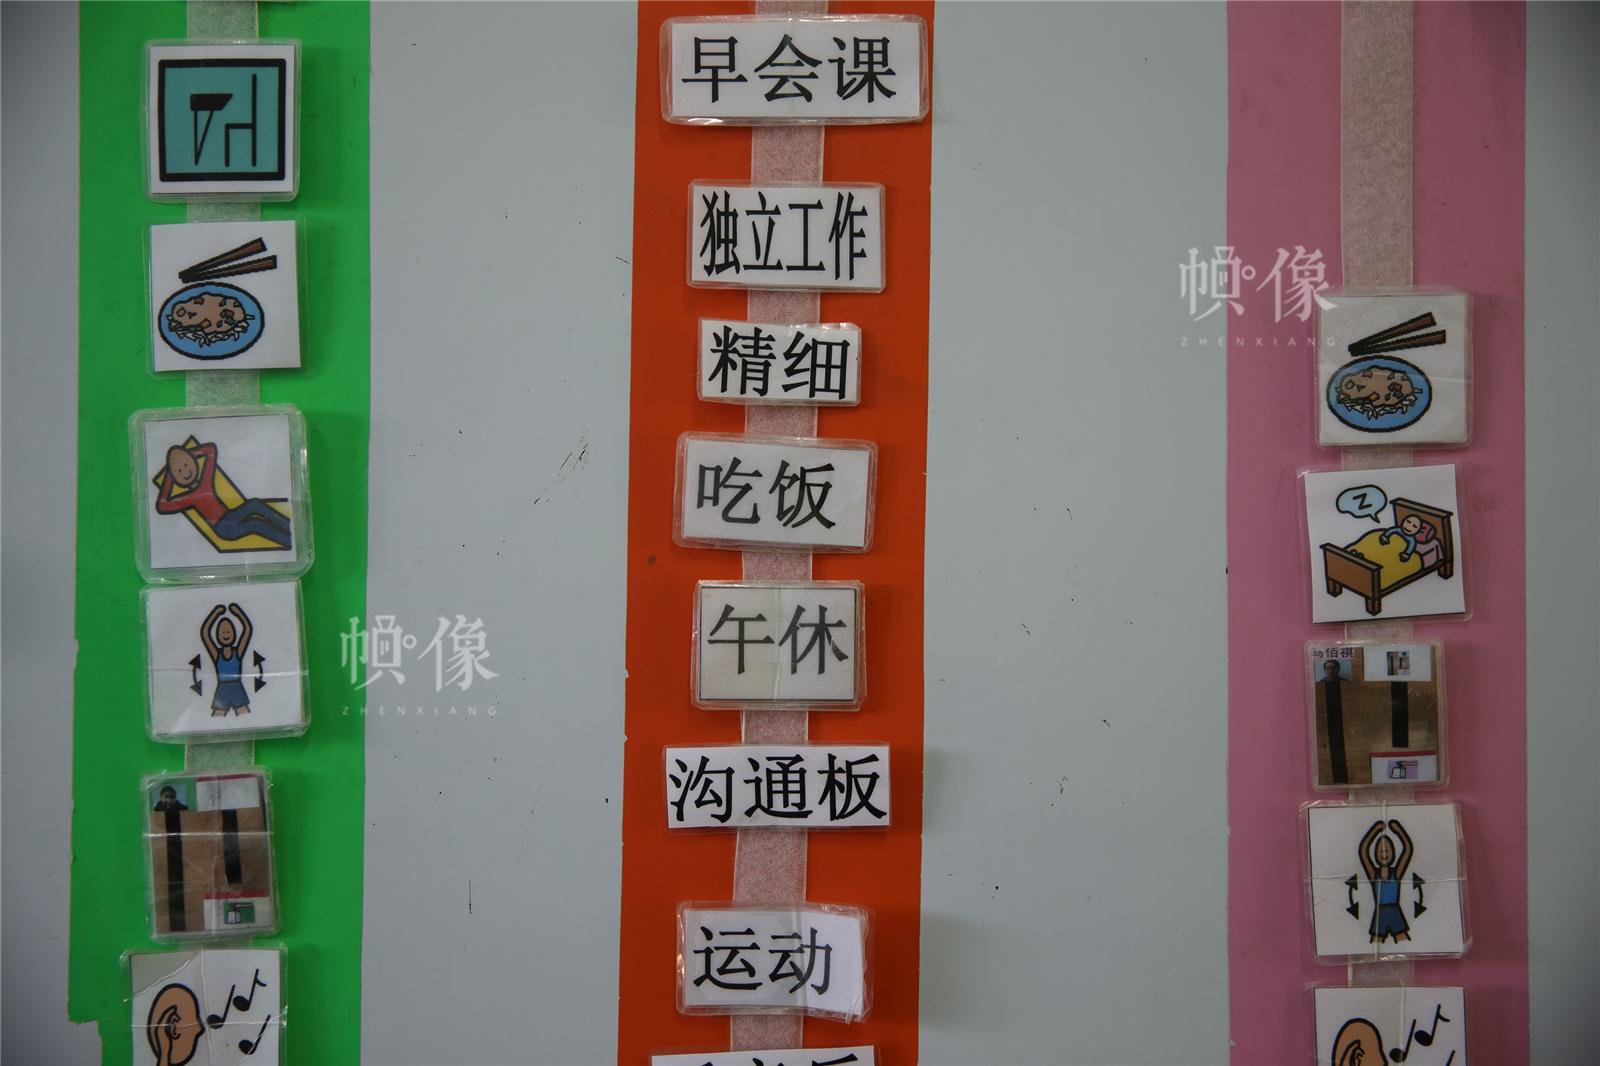 2017年3月27日,北京星星雨教育研究所,自閉症孩子每天的課程挂在墻上。中國網記者陳維松 攝